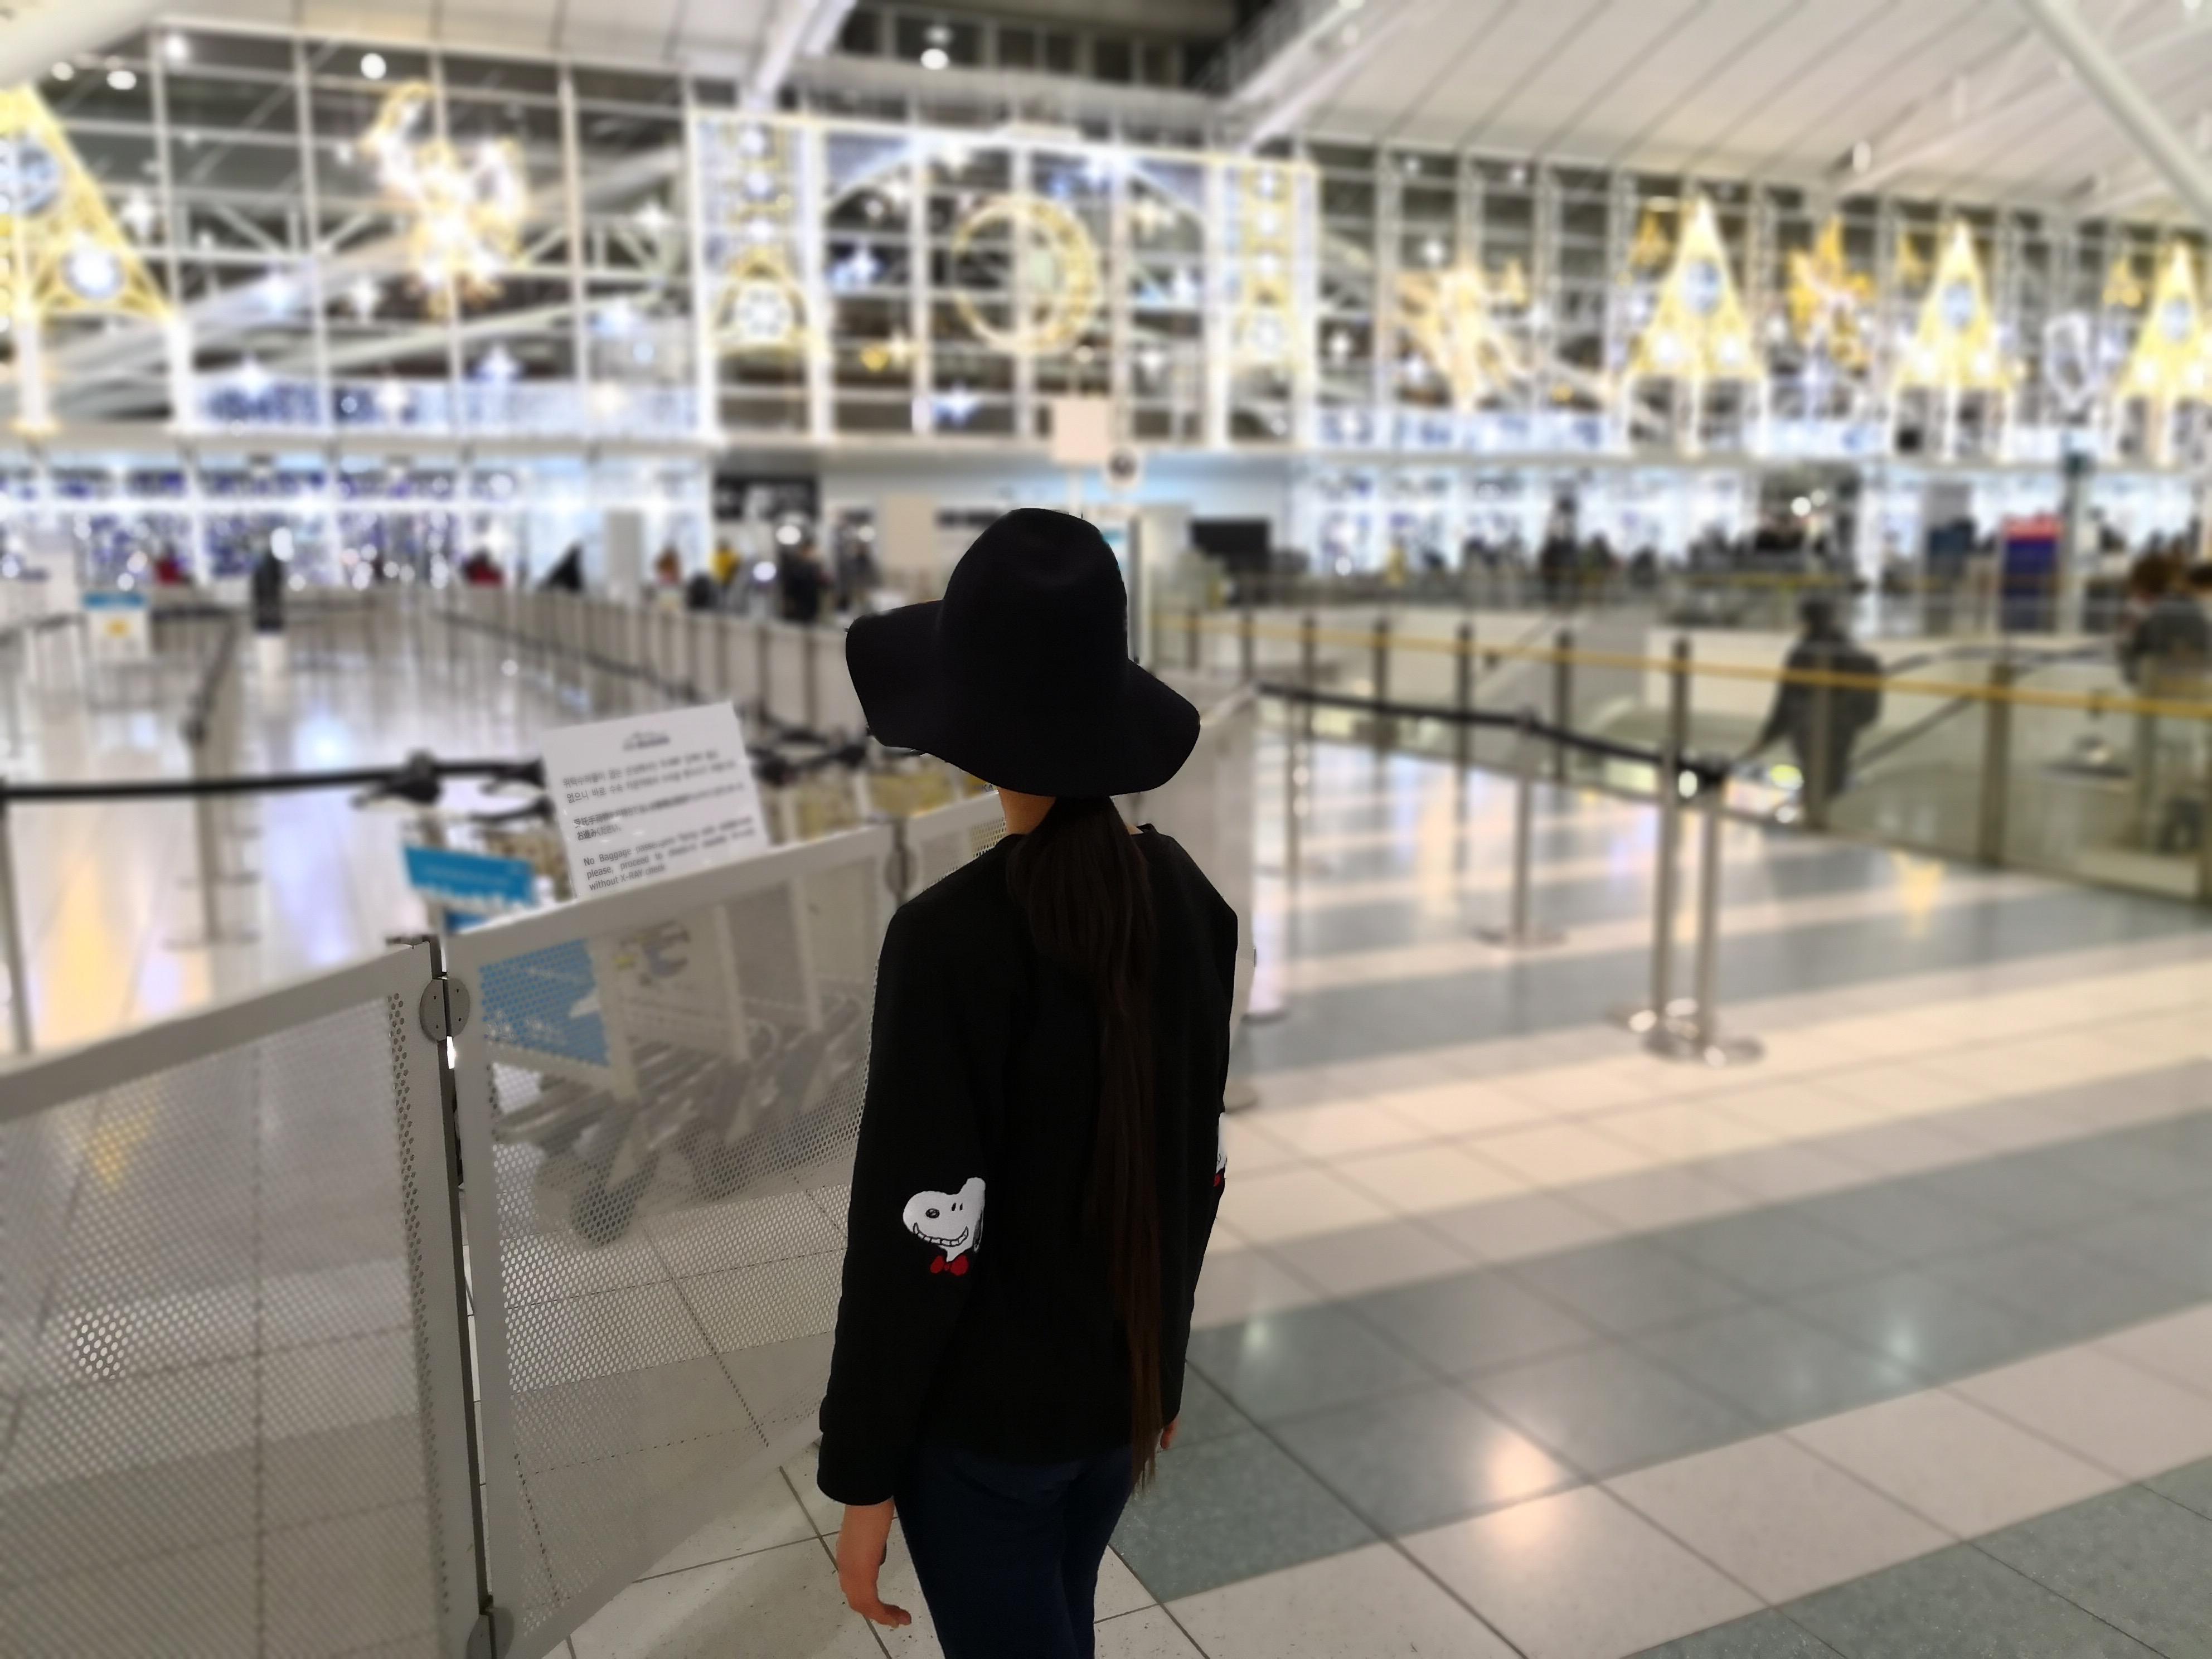 福岡国際空港 ボケ Huawei Mate 10 Pro